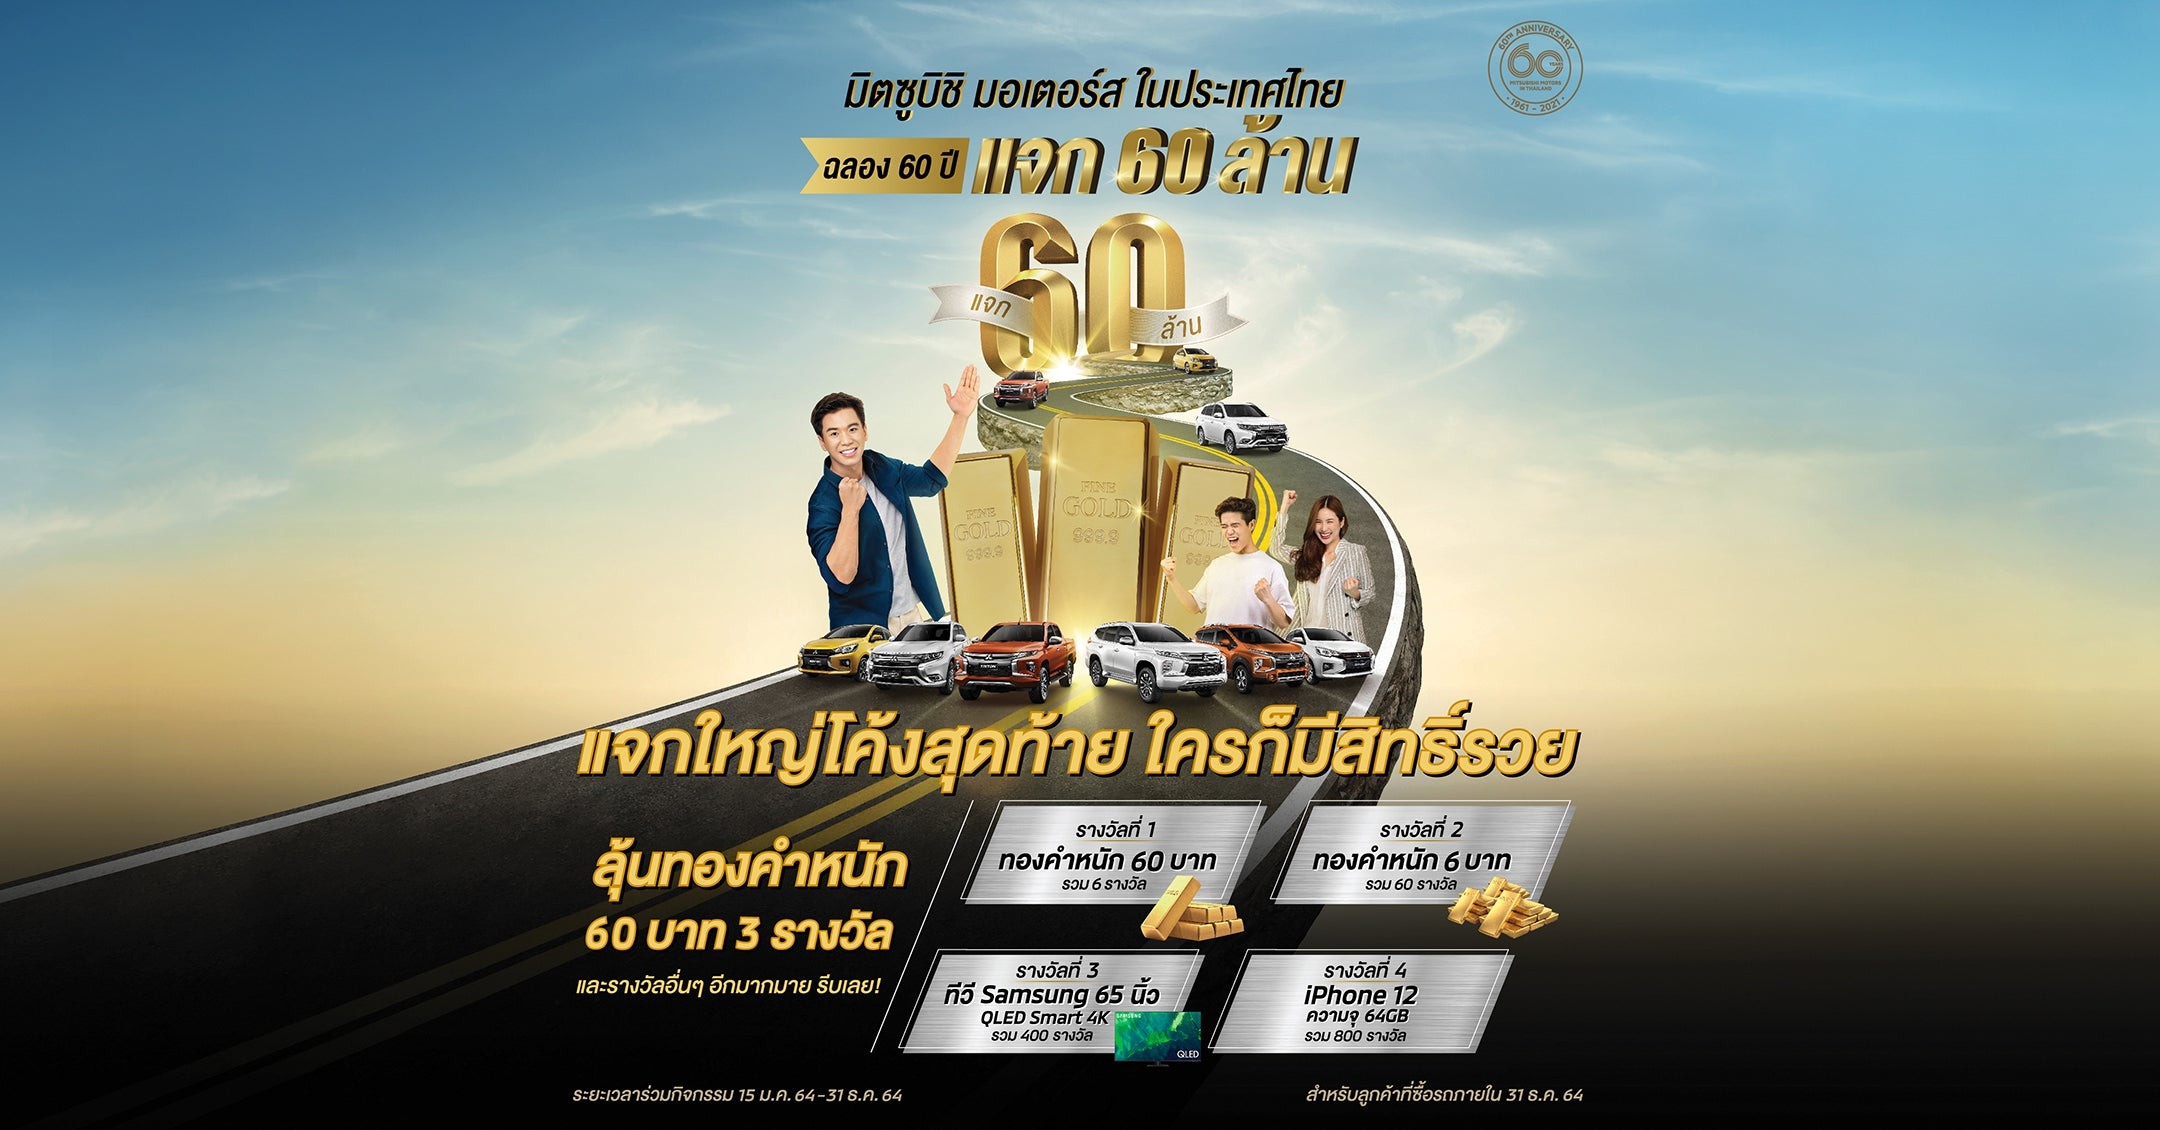 ร่วมกิจกรรมฉลองครบรอบ 60 ปี แจก 60 ล้าน มิตซูบิชิ มอเตอร์ส ประเทศไทย